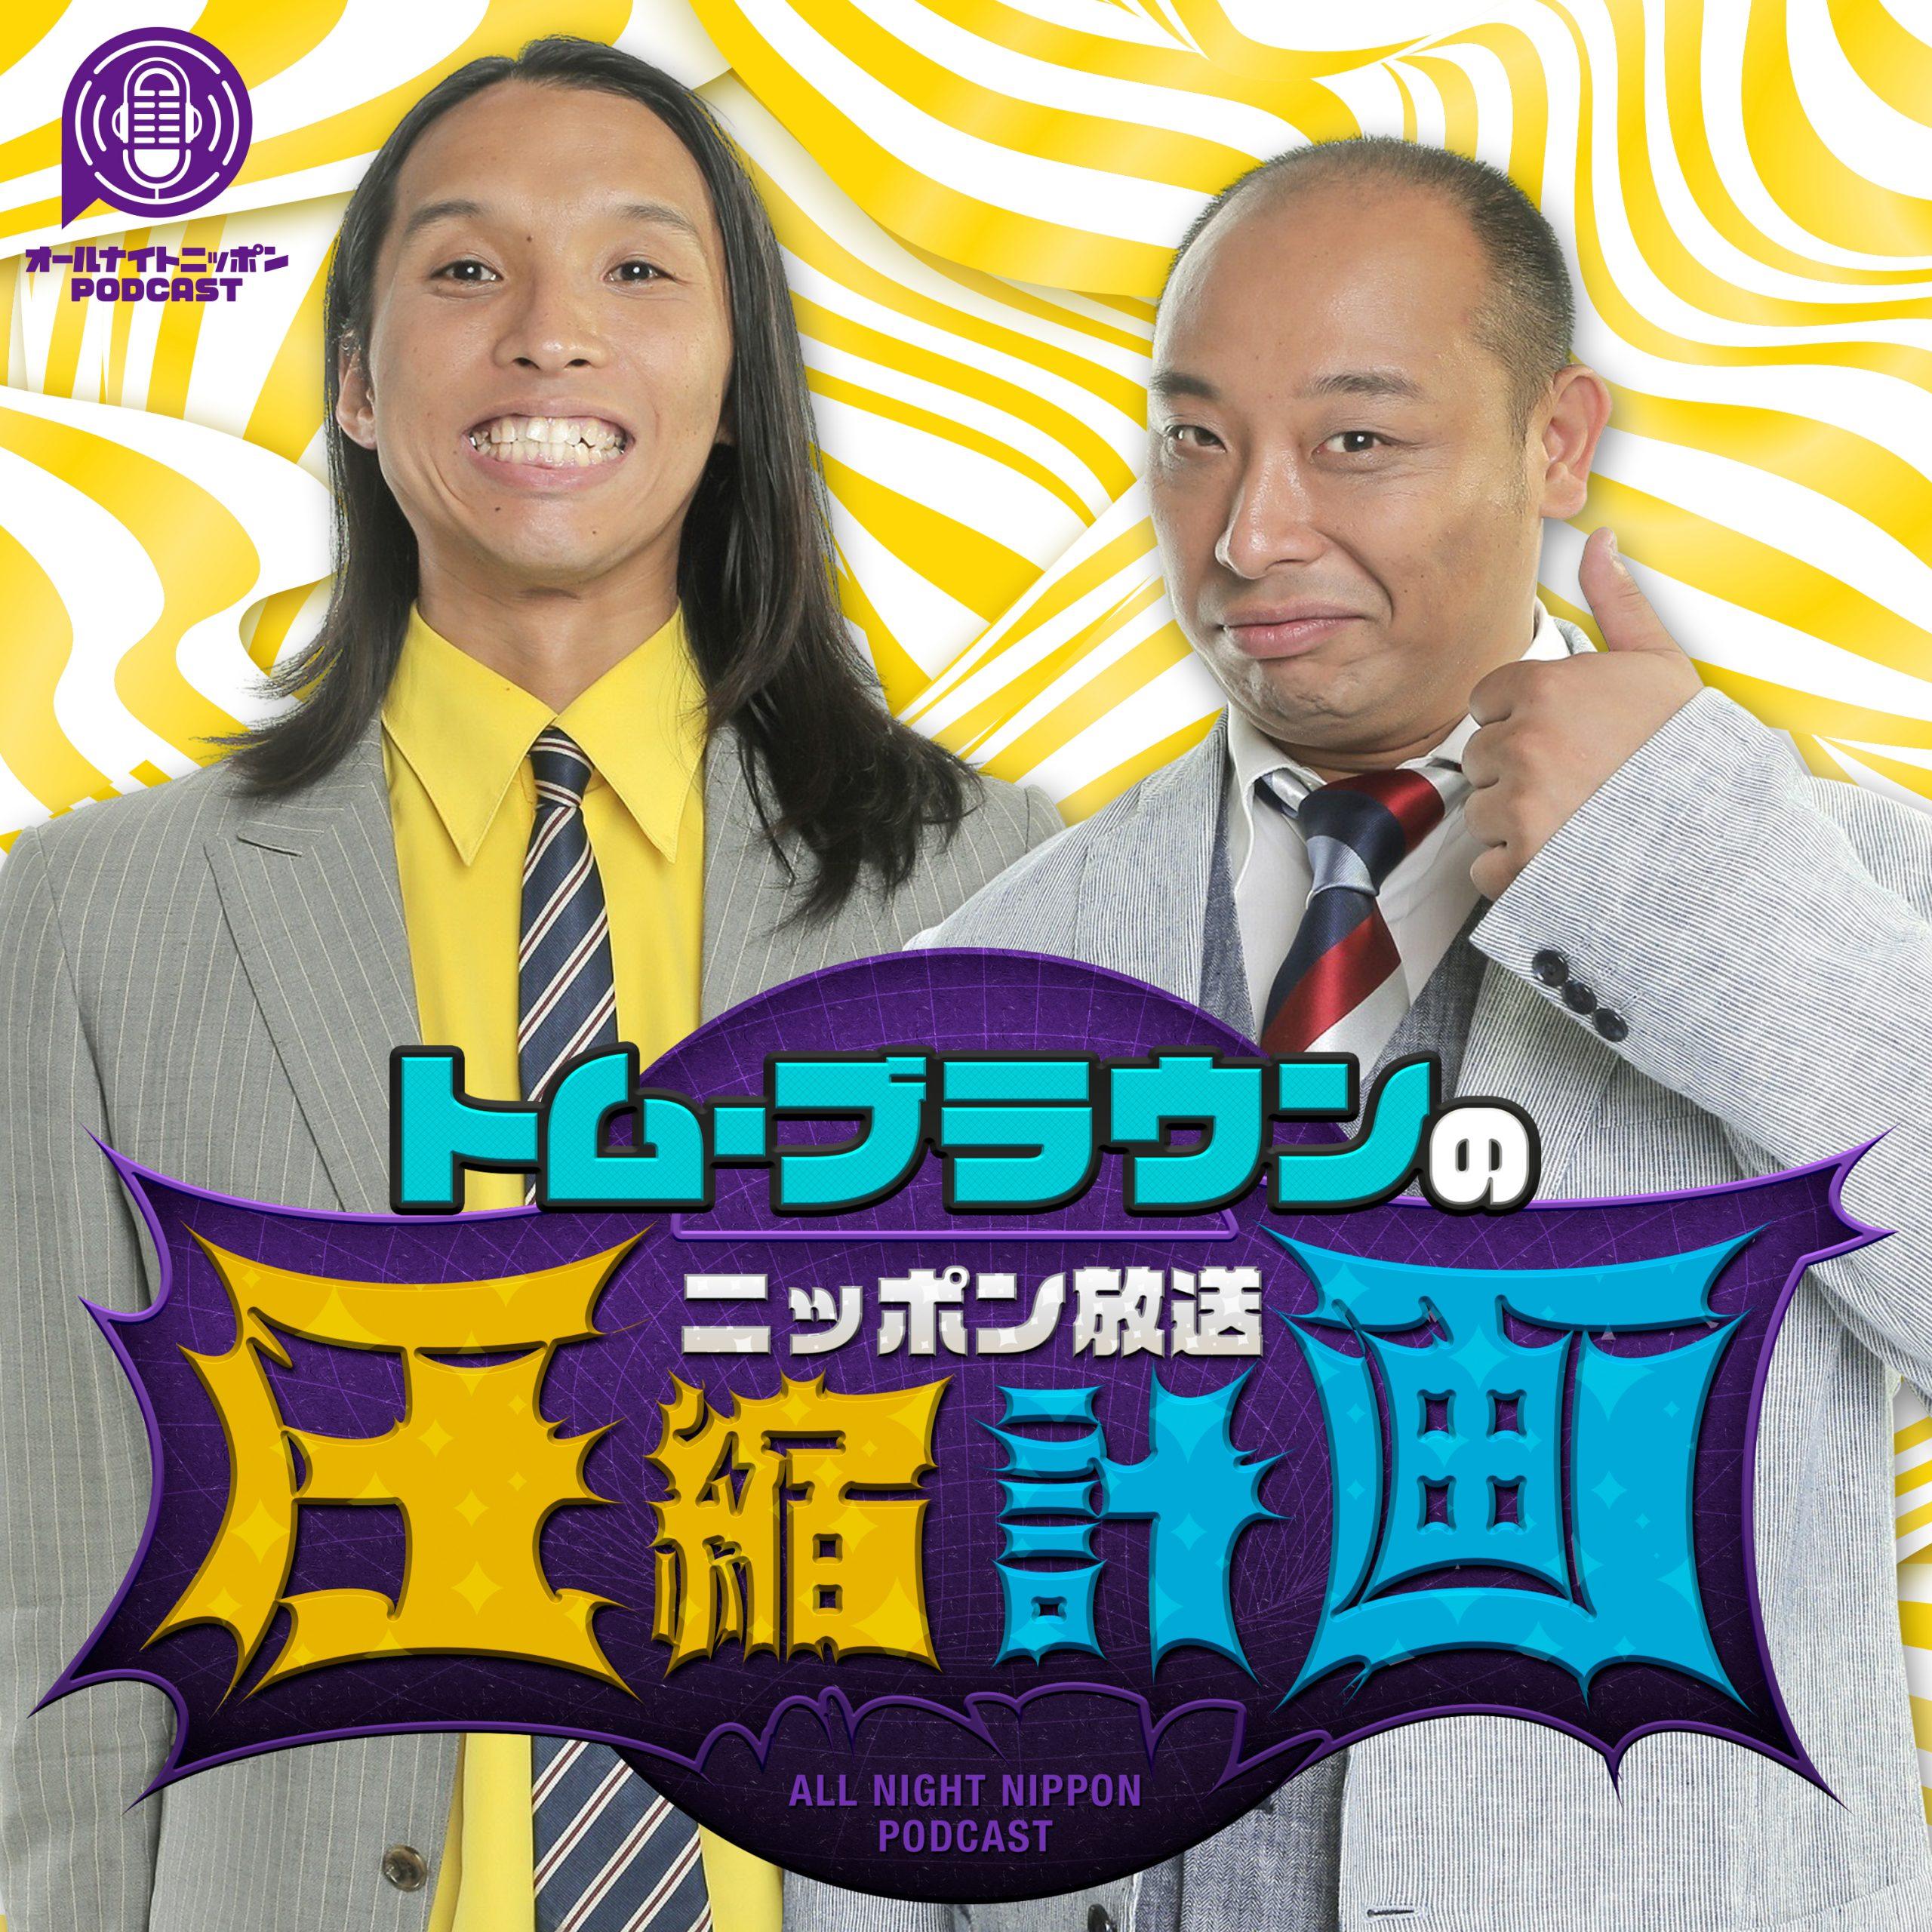 オールナイトニッポンPODCAST トム・ブラウンのニッポン放送圧縮計画